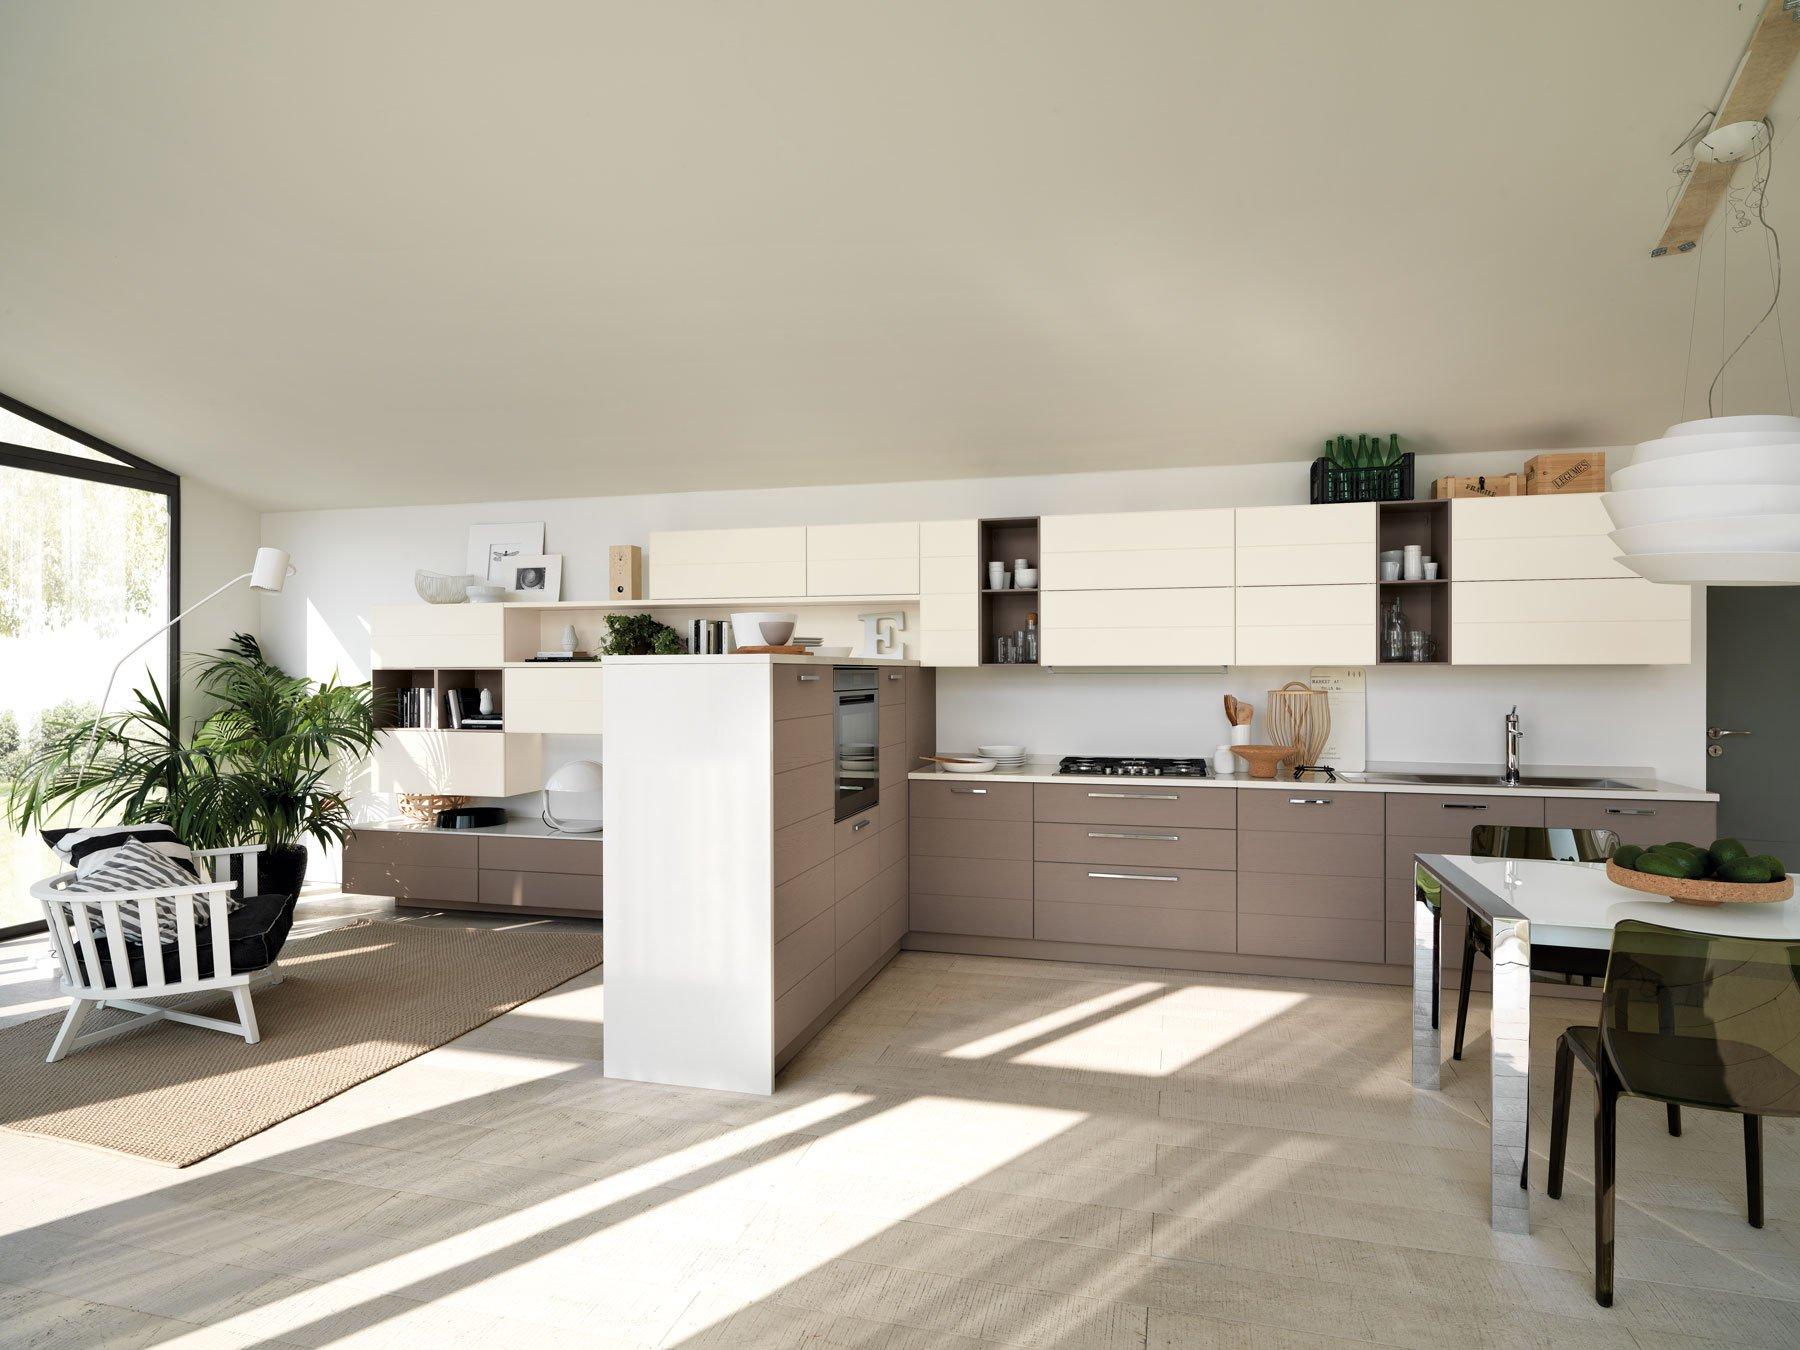 Cucina e soggiorno un unico ambiente cose di casa for Cucina open space con pilastri